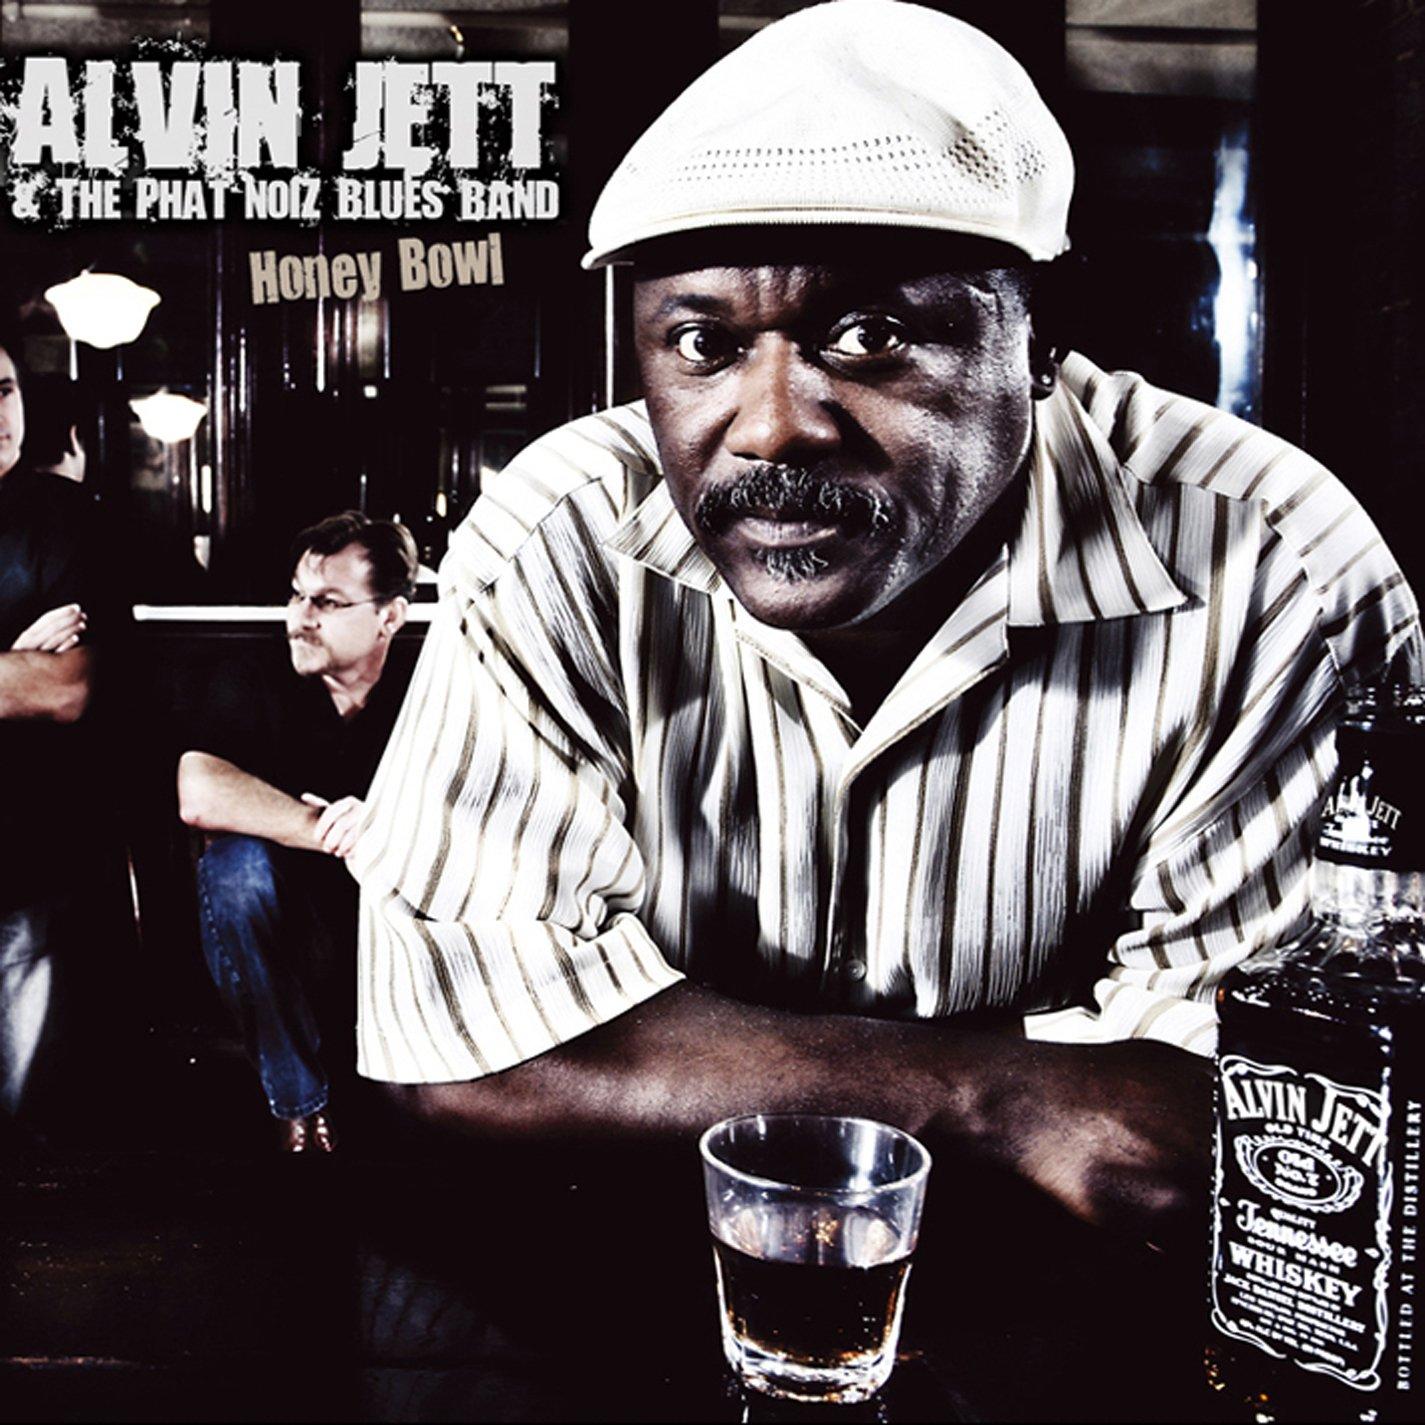 CD : Alvin Jett & the Phat noiZ Blues Band - Honey Bowl (Digipack Packaging)